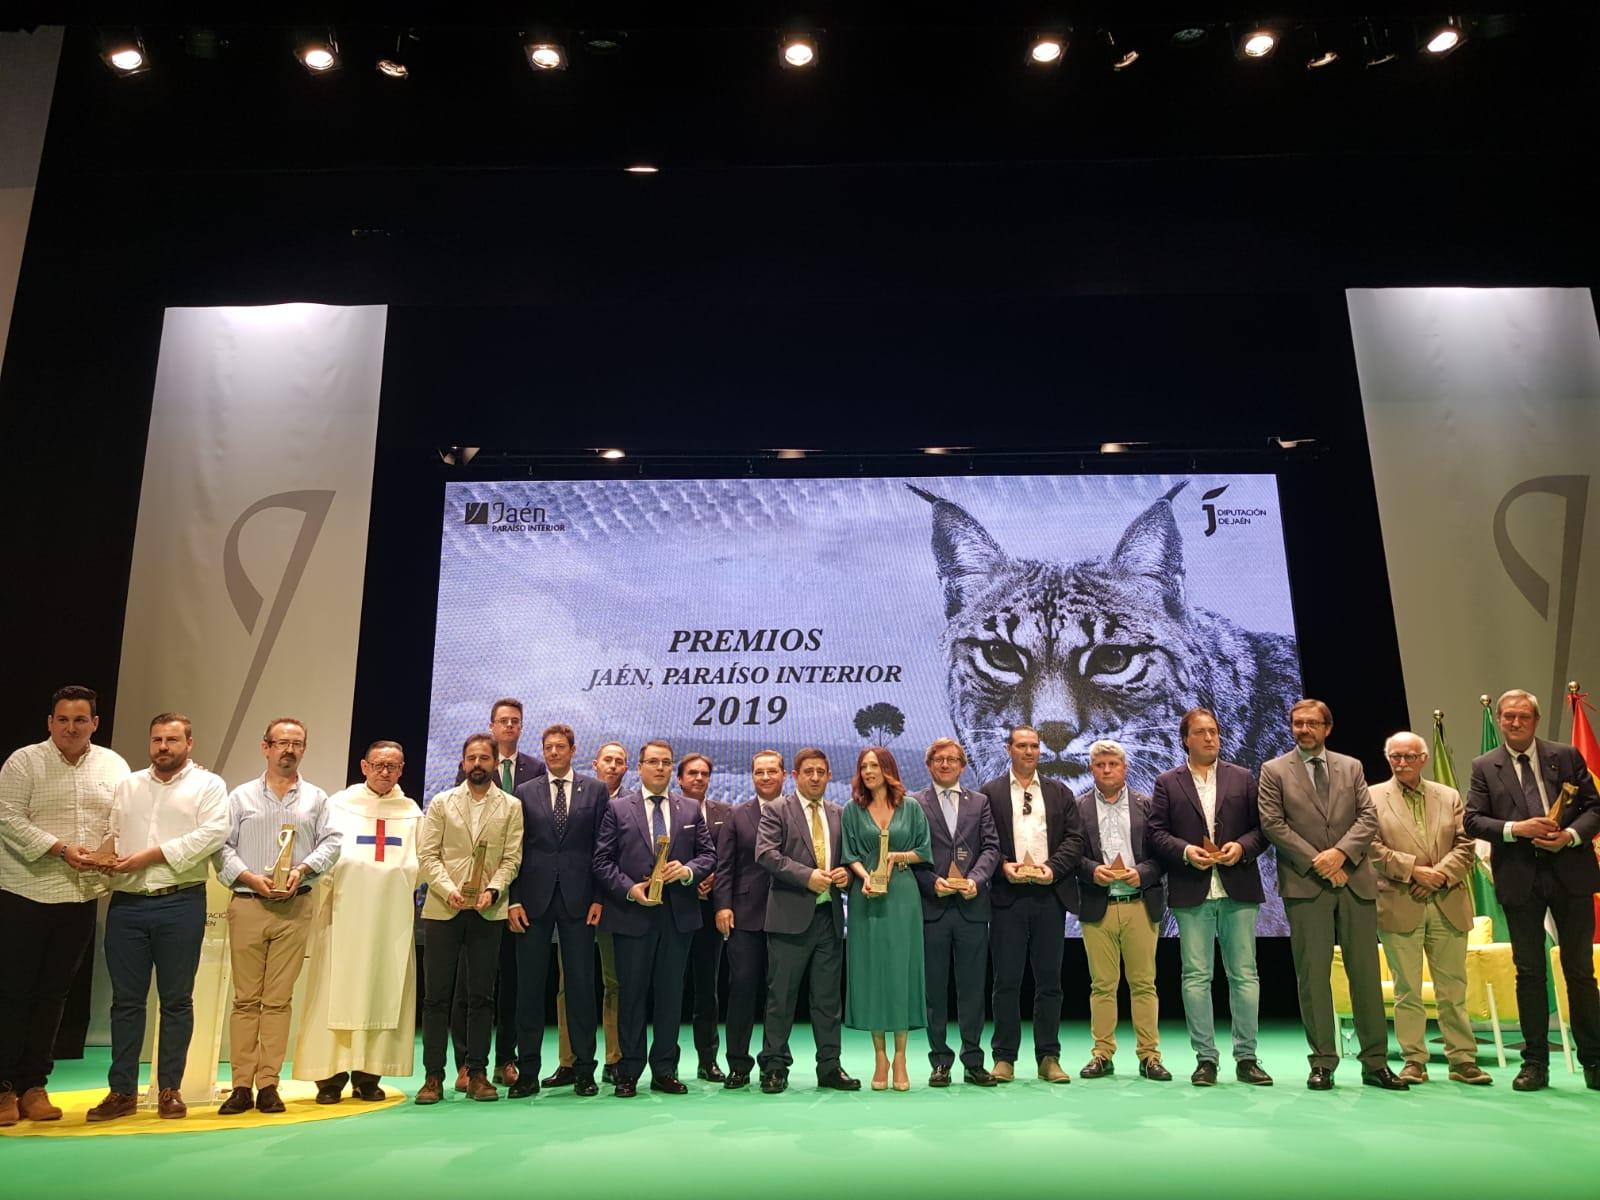 La Diputación de Jaén concede los Premios Jaén Paraíso Interior 2019 a organismos e instituciones, q